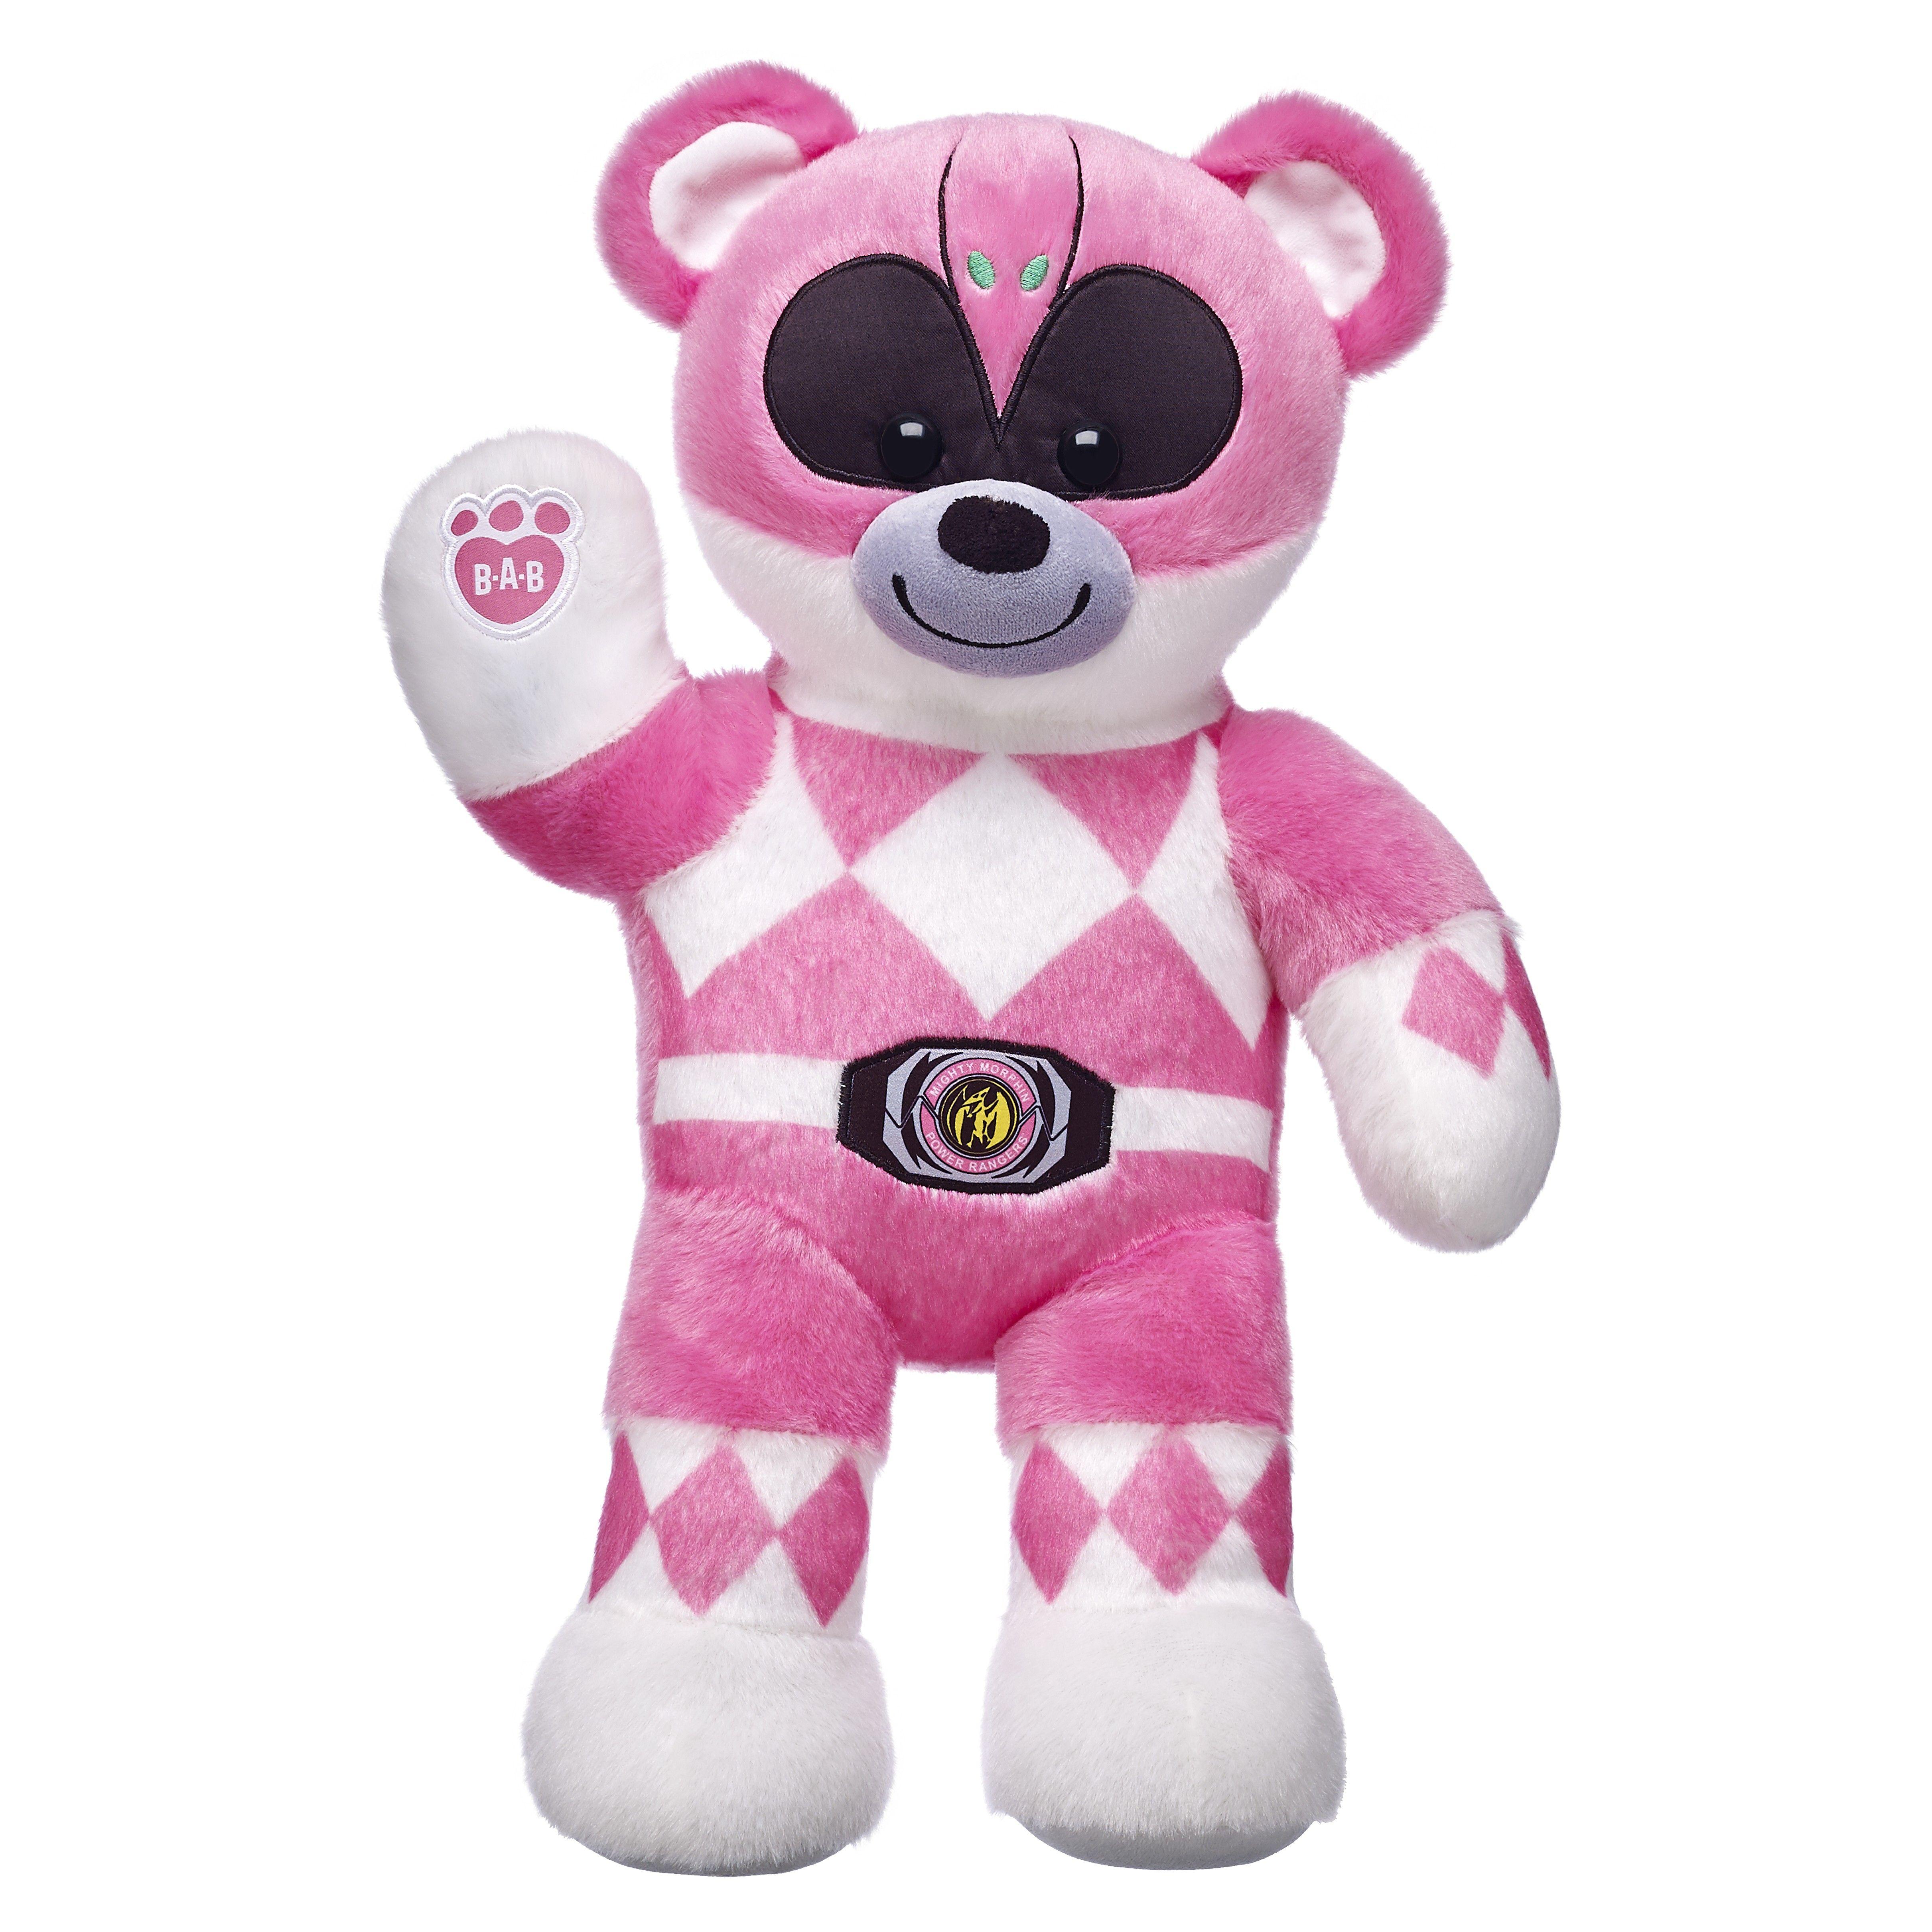 fcc811250 PINK POWER RANGER BEAR   Power Rangers/ Super Sentai   Pink power ...